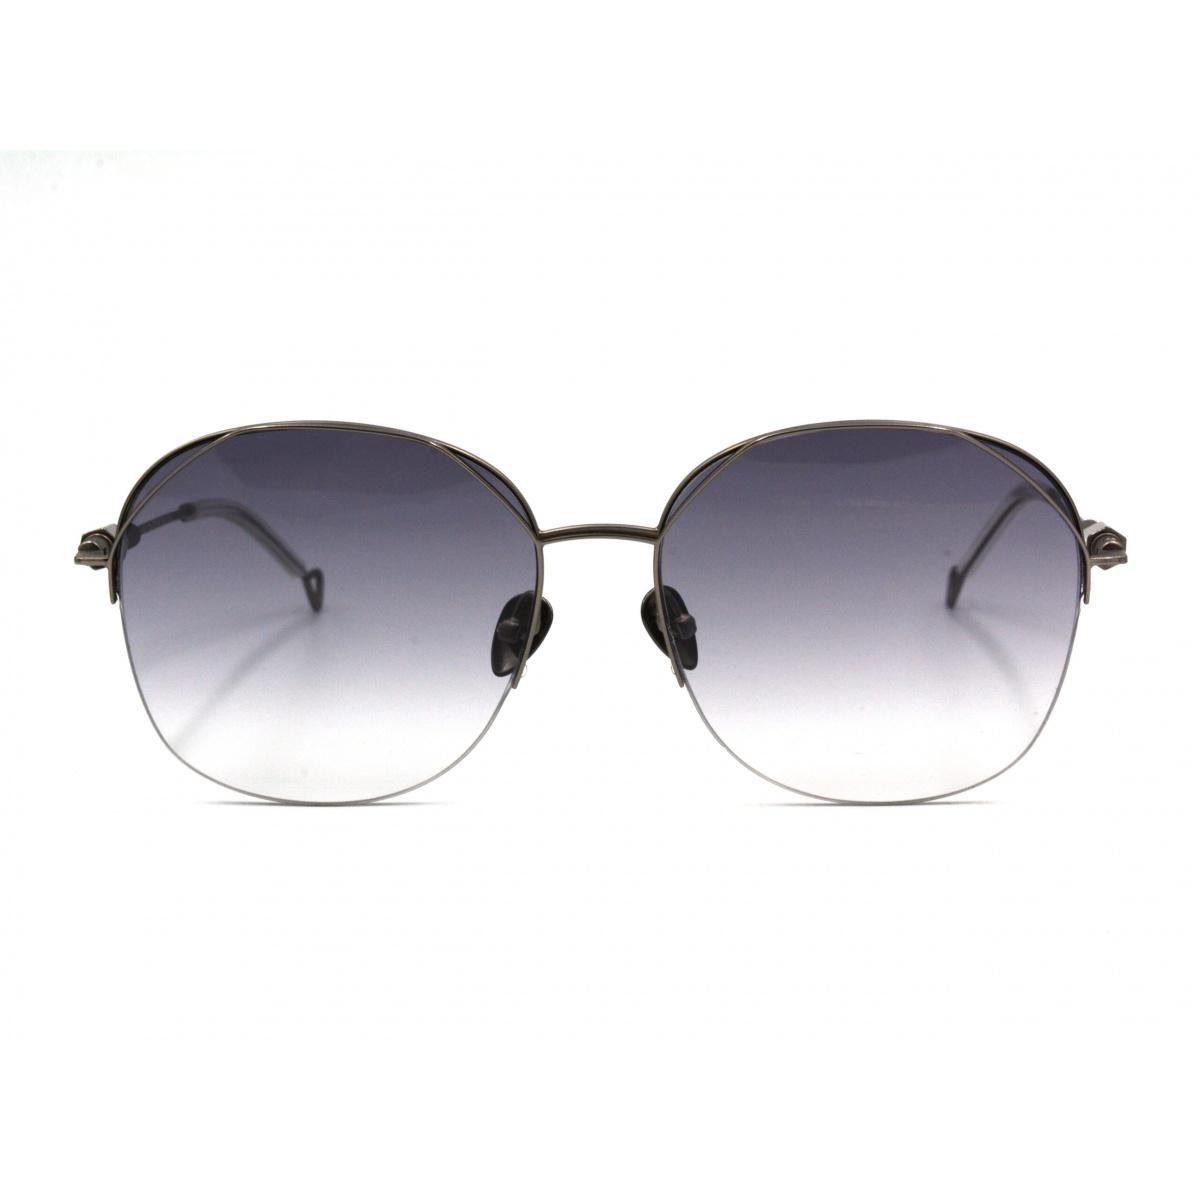 Γυαλιά ηλίου HAZE COLLECTION RETREAT 4GY 57-16-145